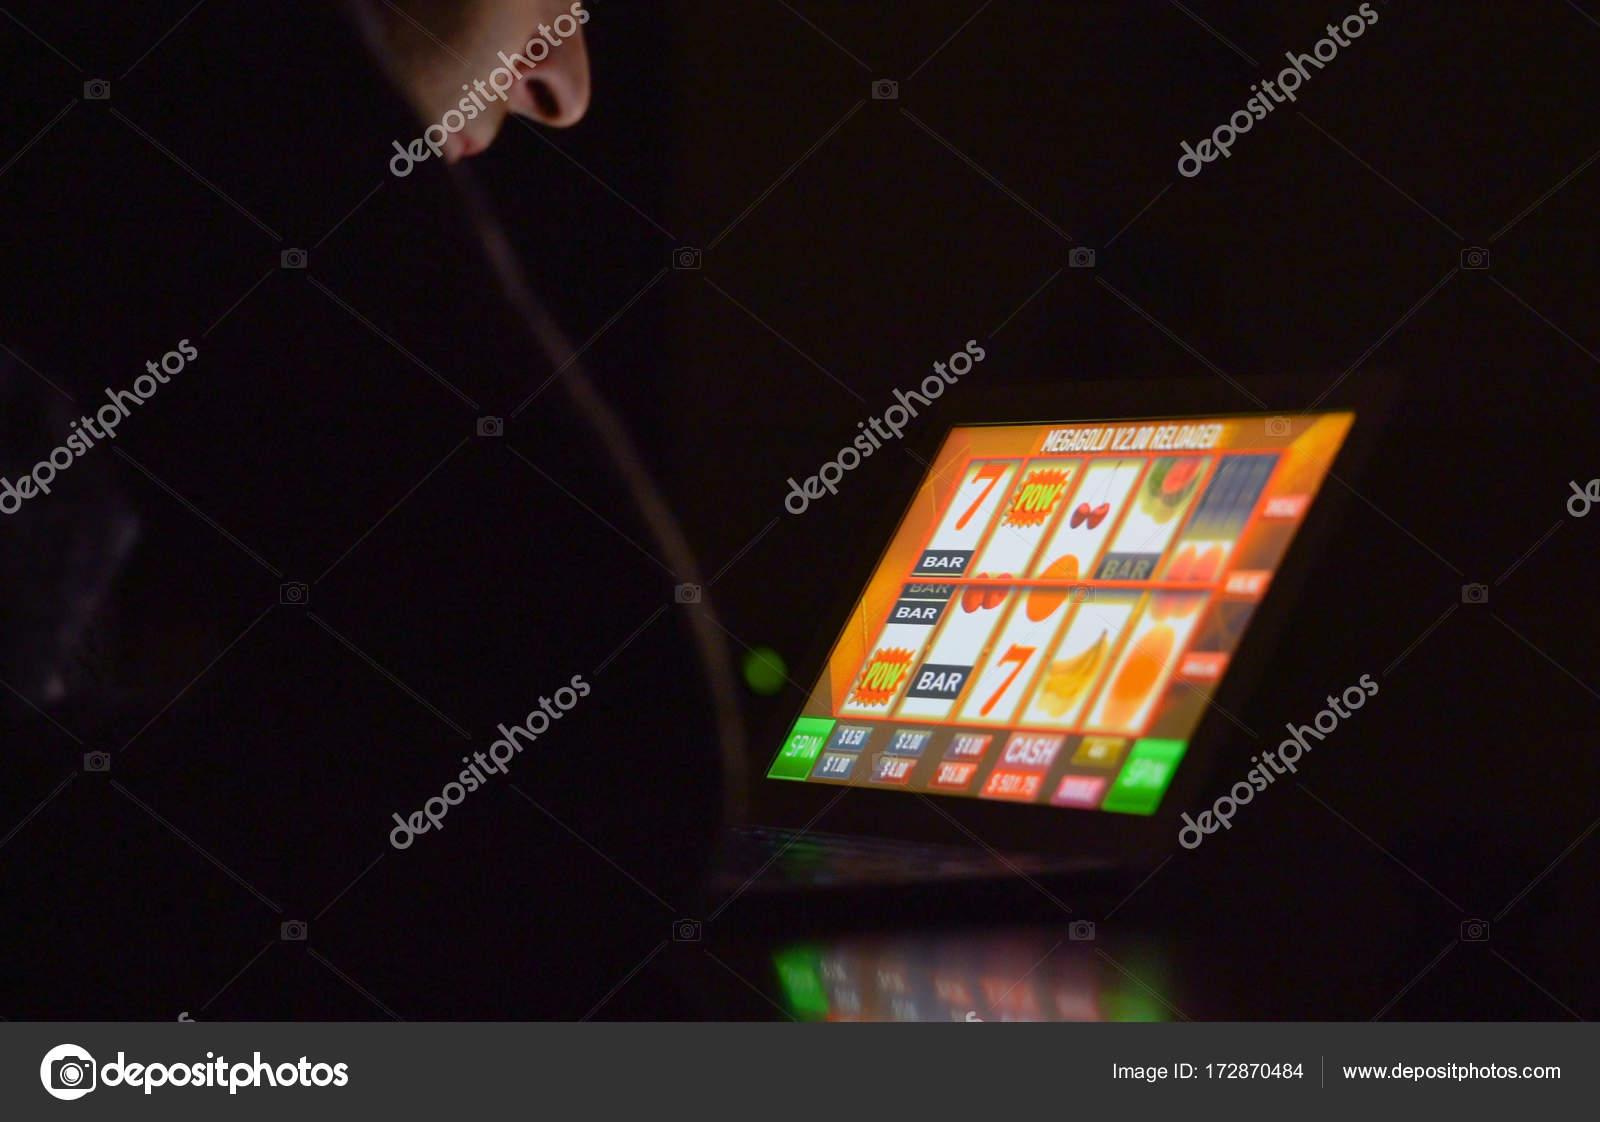 Система маккинли работает игра в онлайн казино